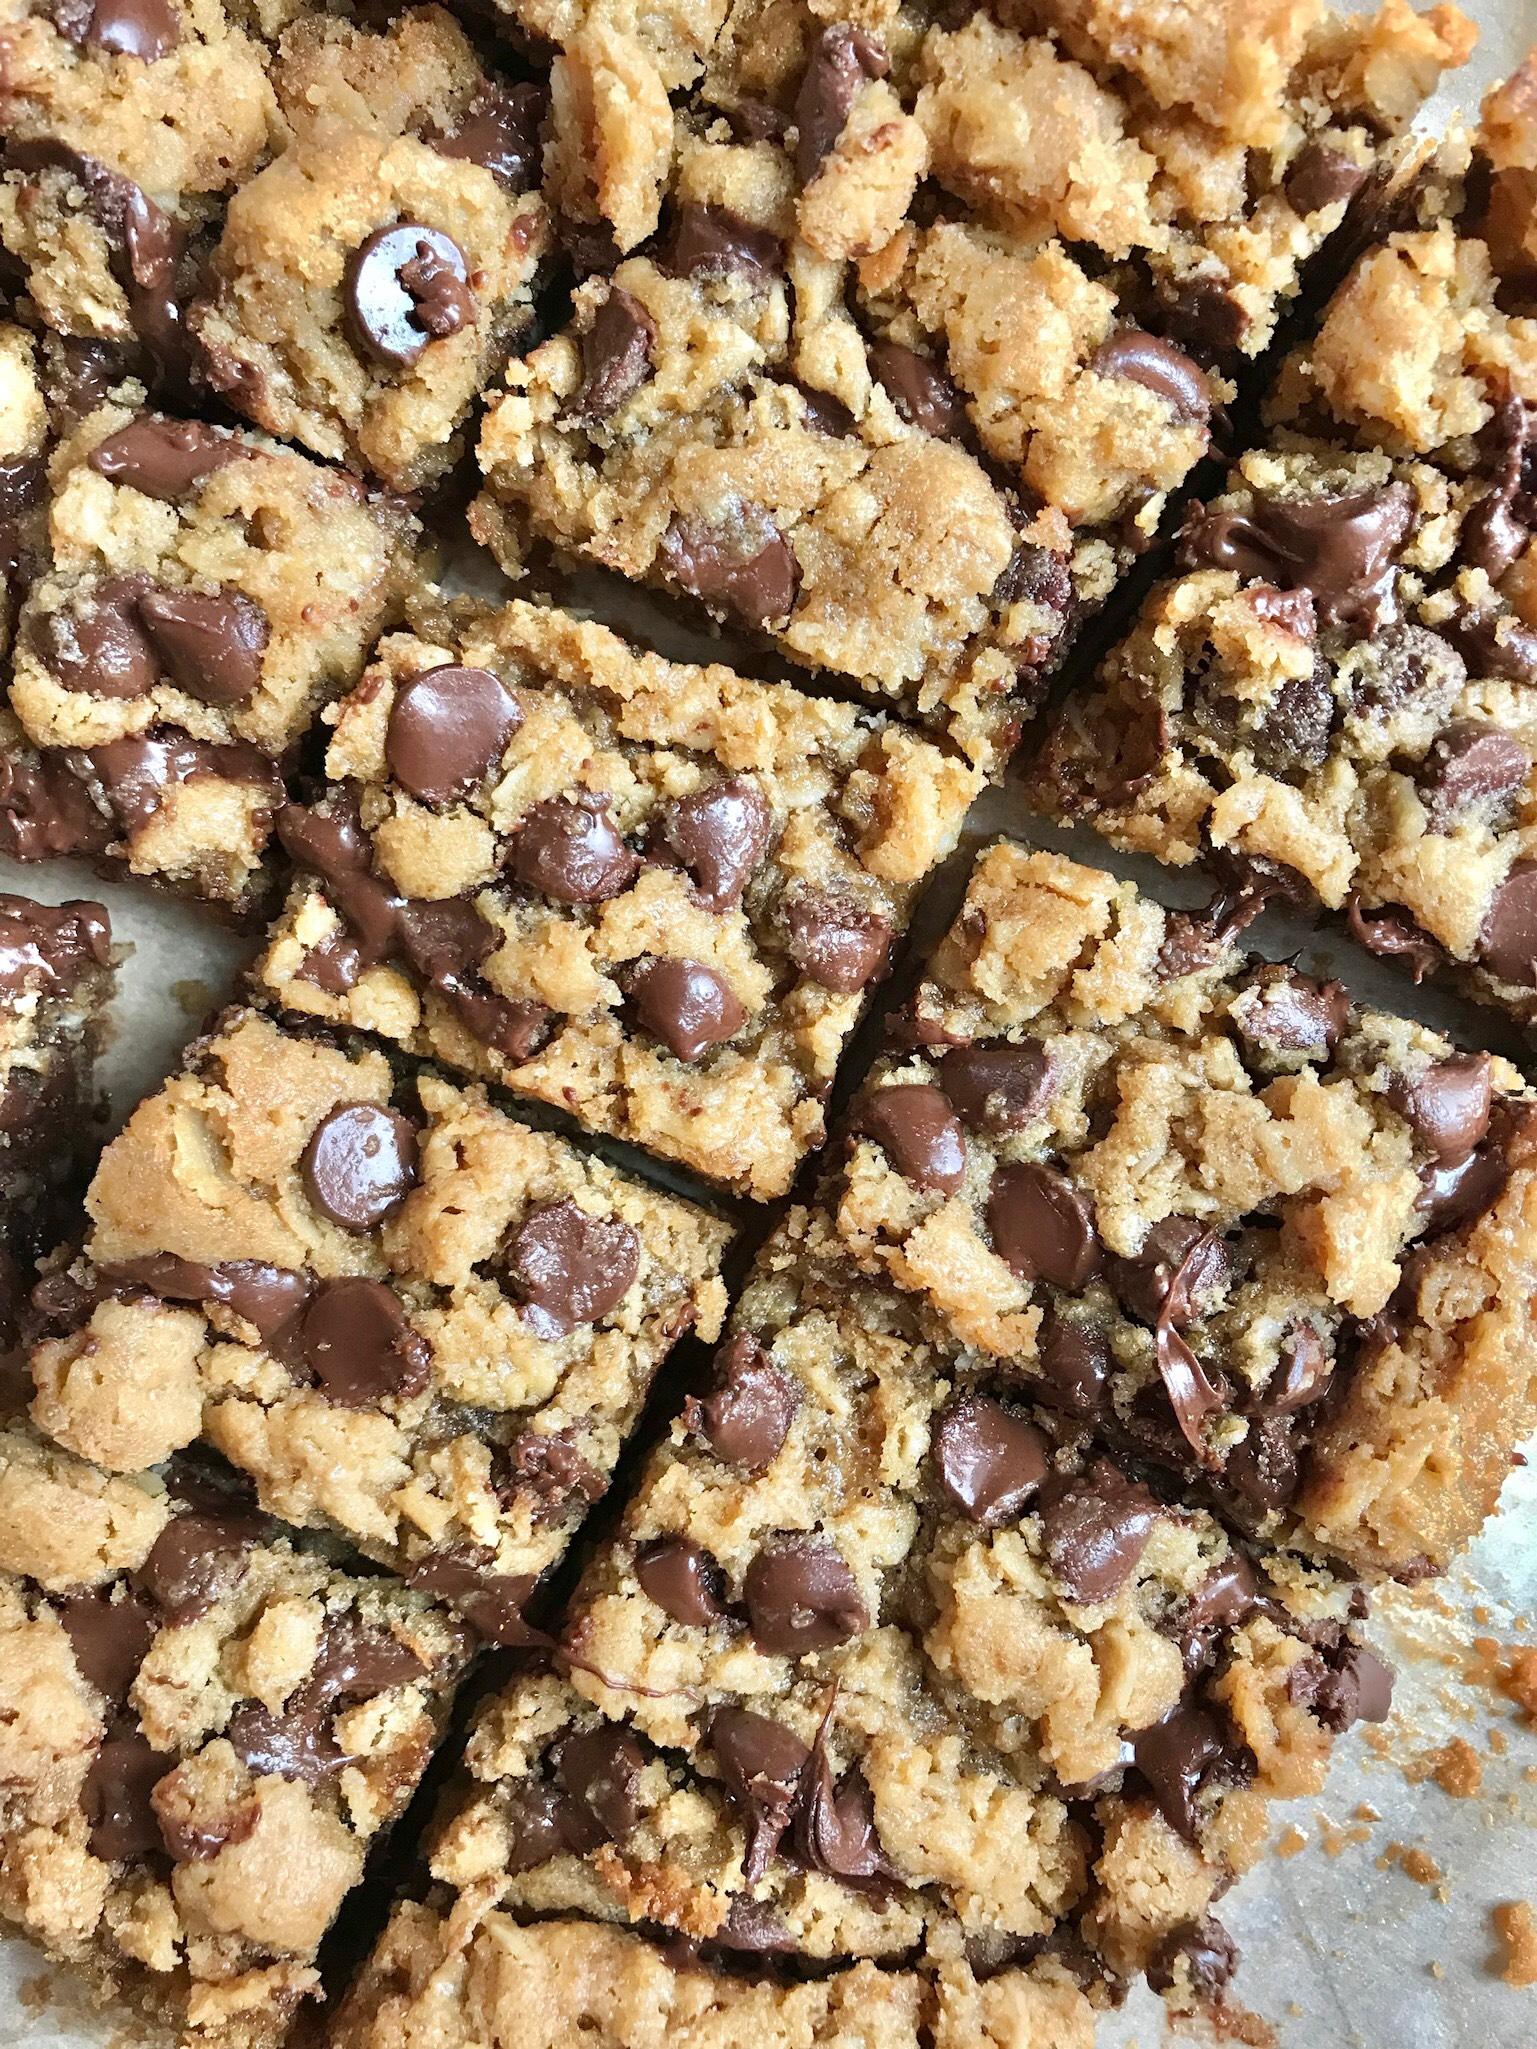 CKT Oatmeal Chocolate Chip Peanut Butter Bars